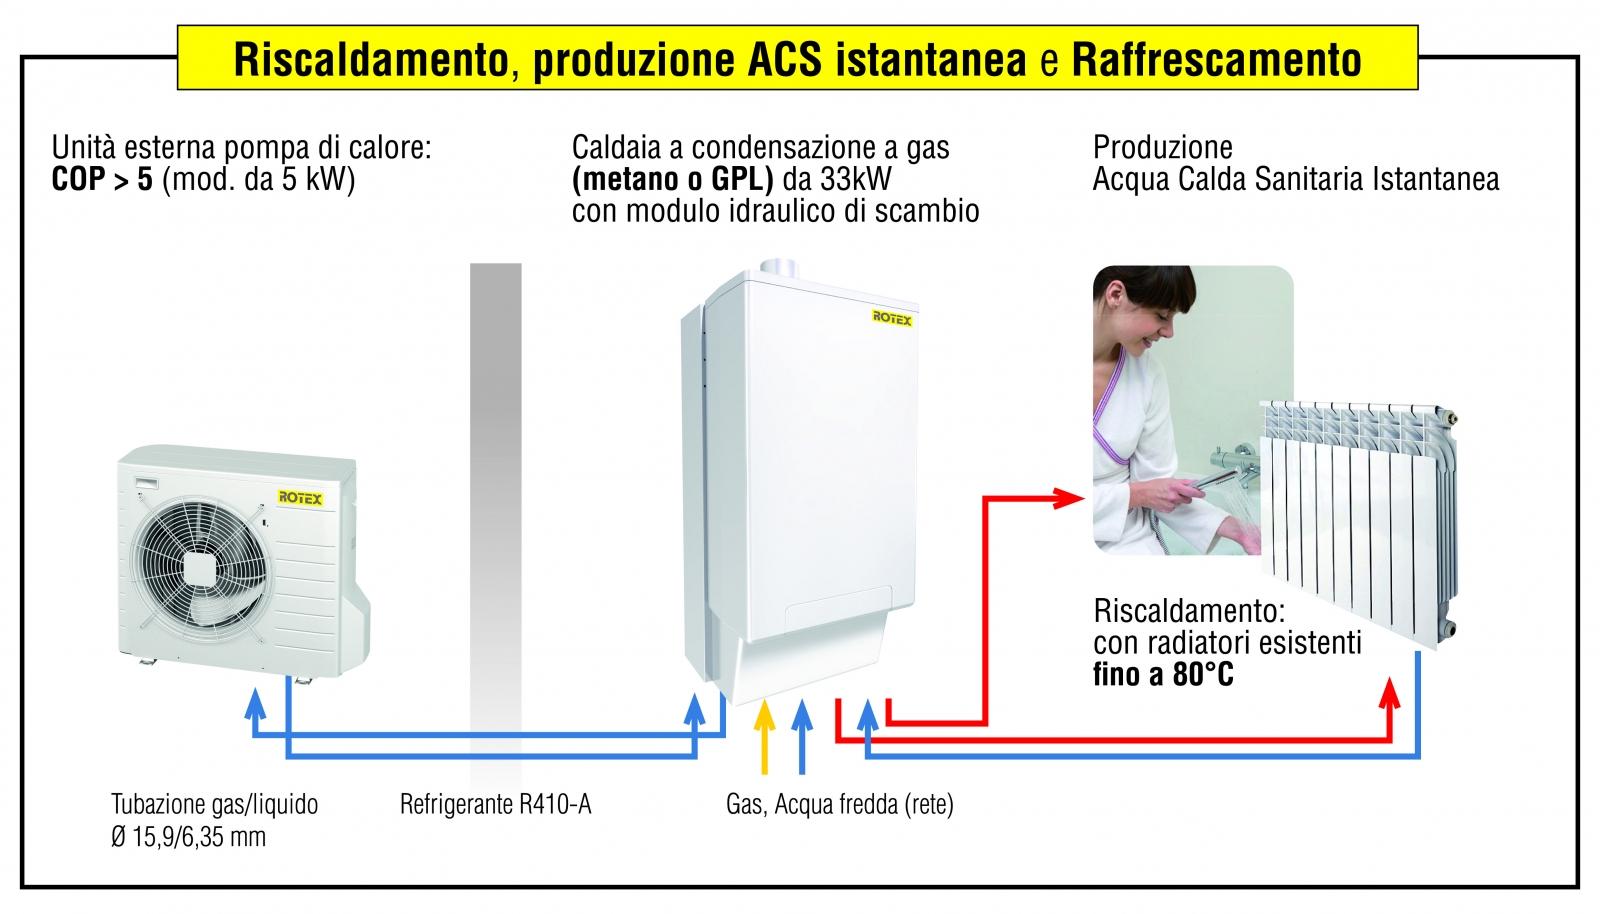 Tipo Di Riscaldamento Più Economico sistemi ibridi pompa di calore-caldaia - gruppo energie